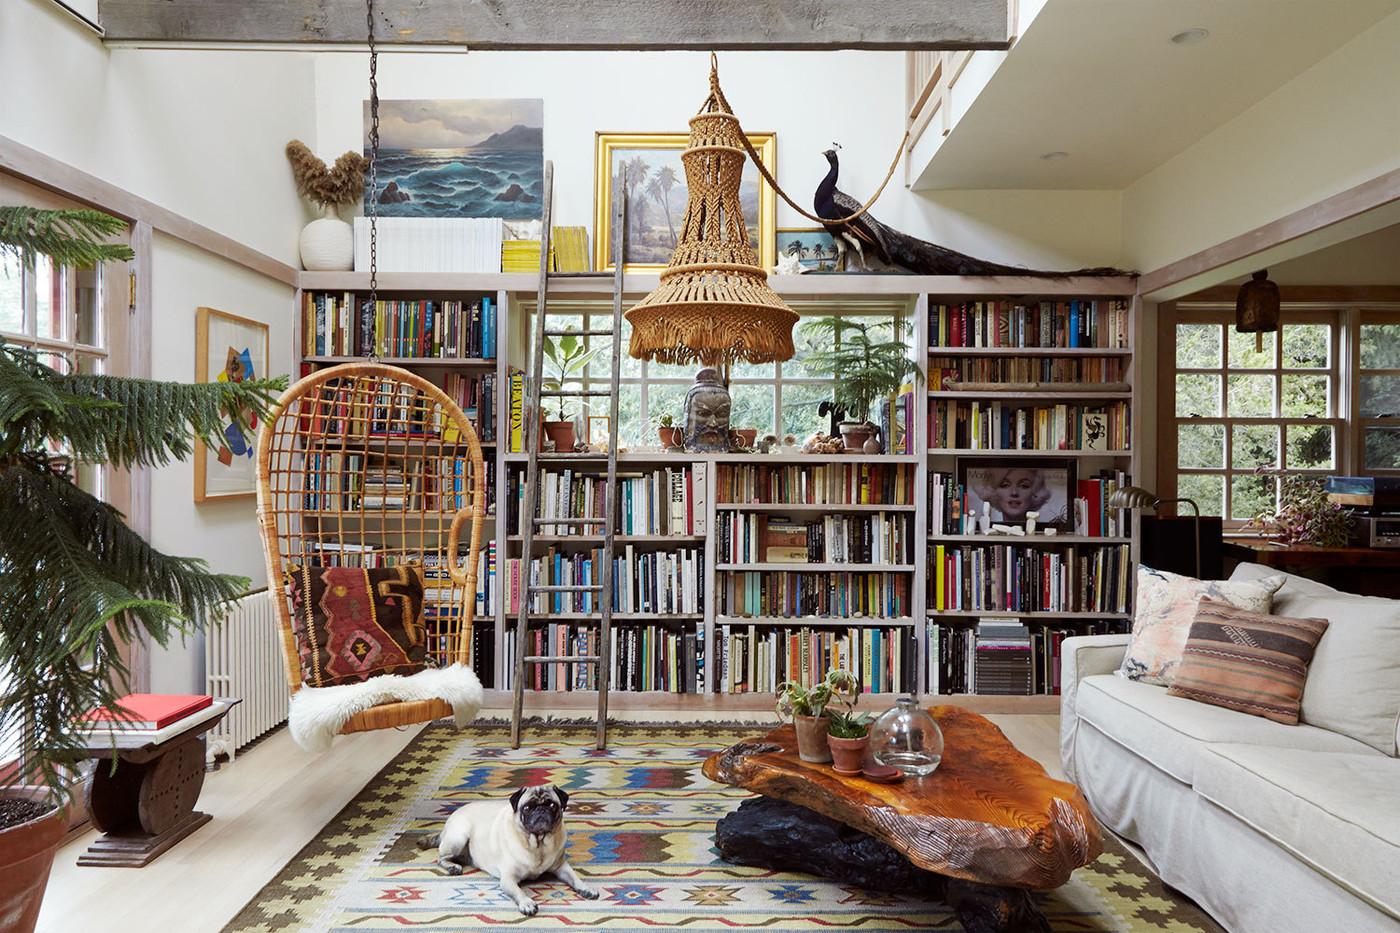 قفسه کتاب سبک رومی کتابخانه دکوراسیون فن و هنر